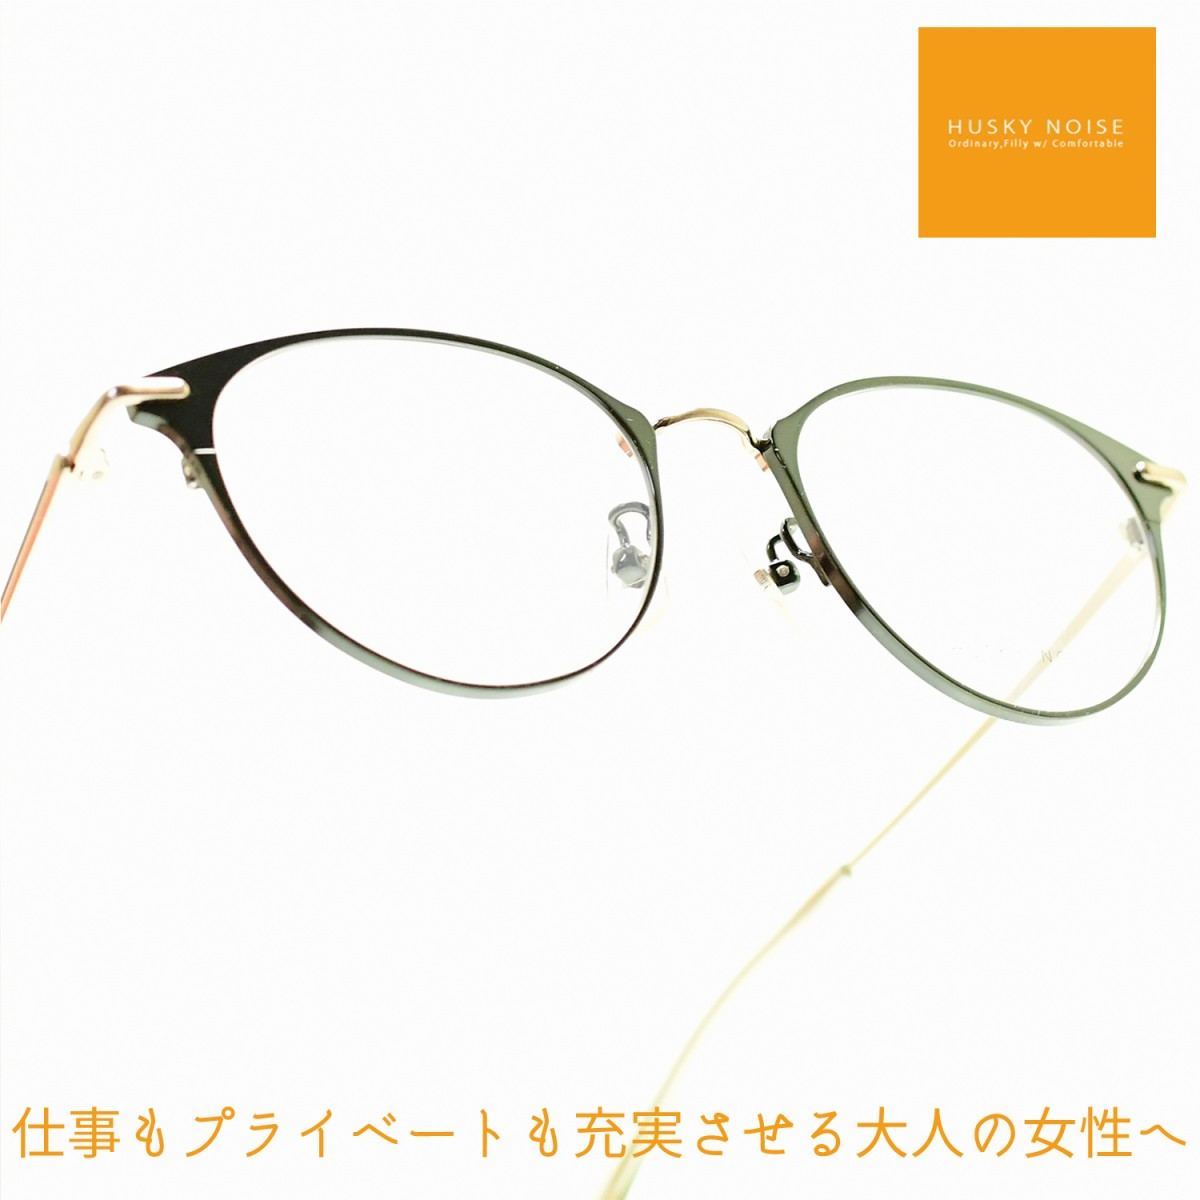 HUSKY NOISE ハスキーノイズH-176 col-4メガネ 眼鏡 めがね メンズ レディース おしゃれ ブランド 人気 おすすめ フレーム 流行り 度付き レンズ